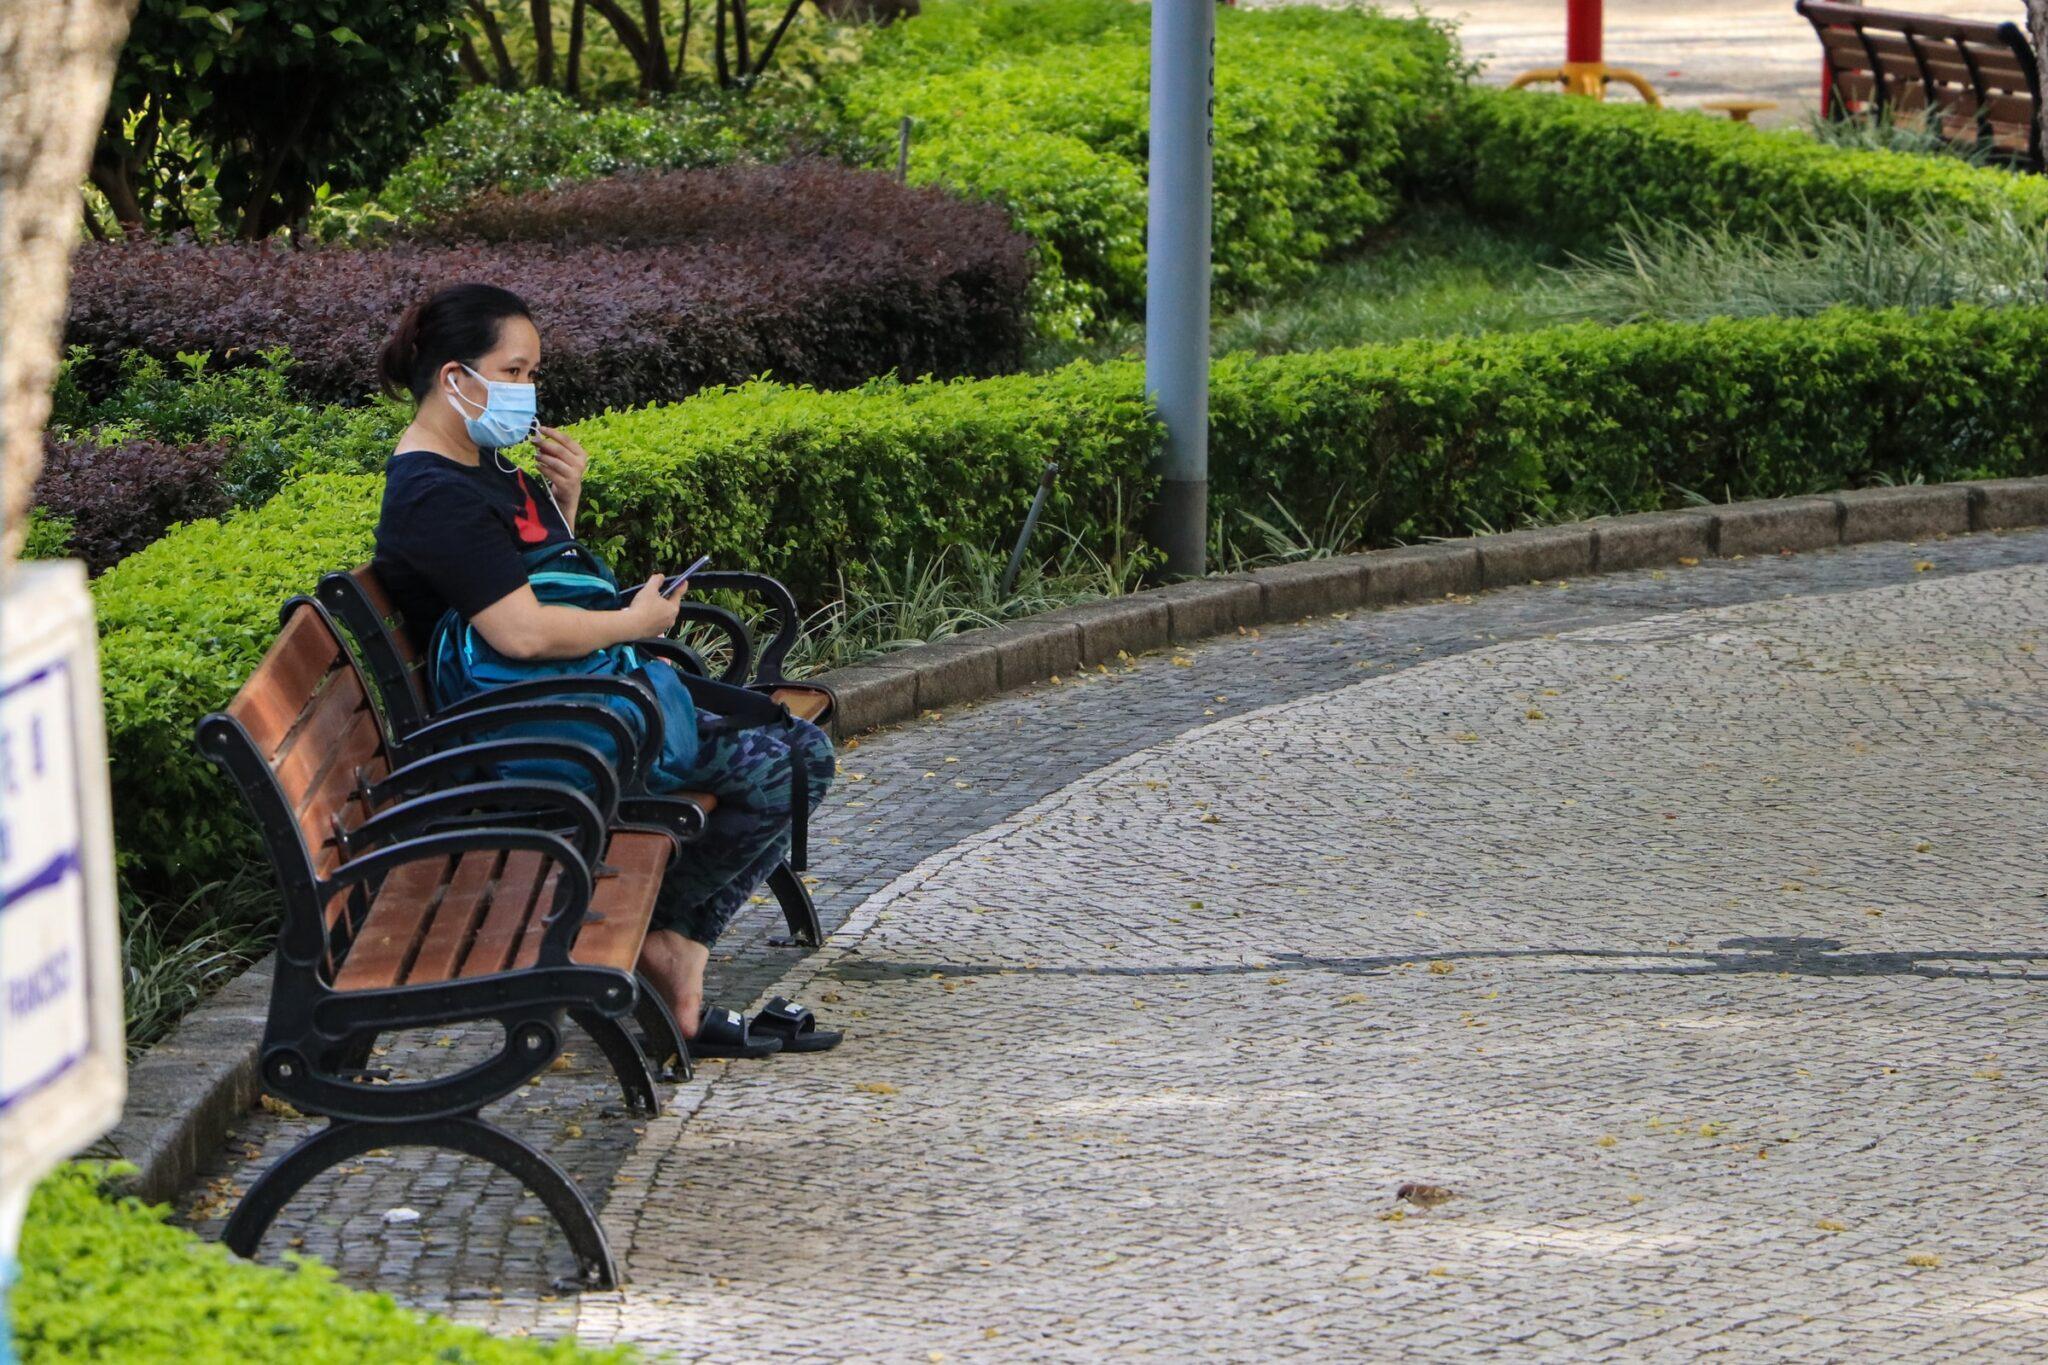 EIne Frau sitzt mit Mund-Nasen-Bedeckung auf einer Bank im Freien.